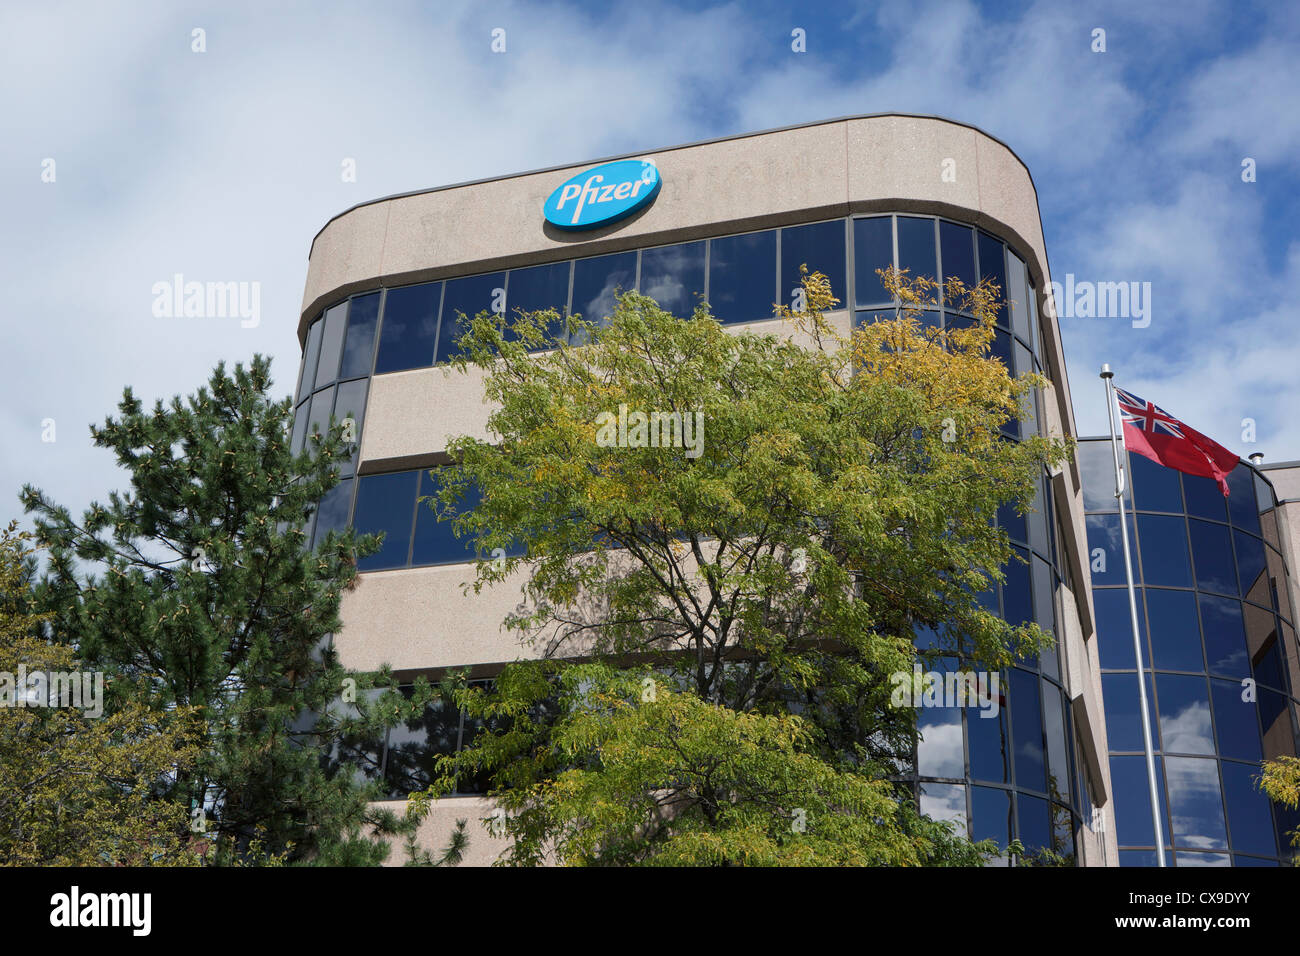 Bureau de l'entreprise pharmaceutique Pfizer, Mississauga, Ontario, Canada Photo Stock